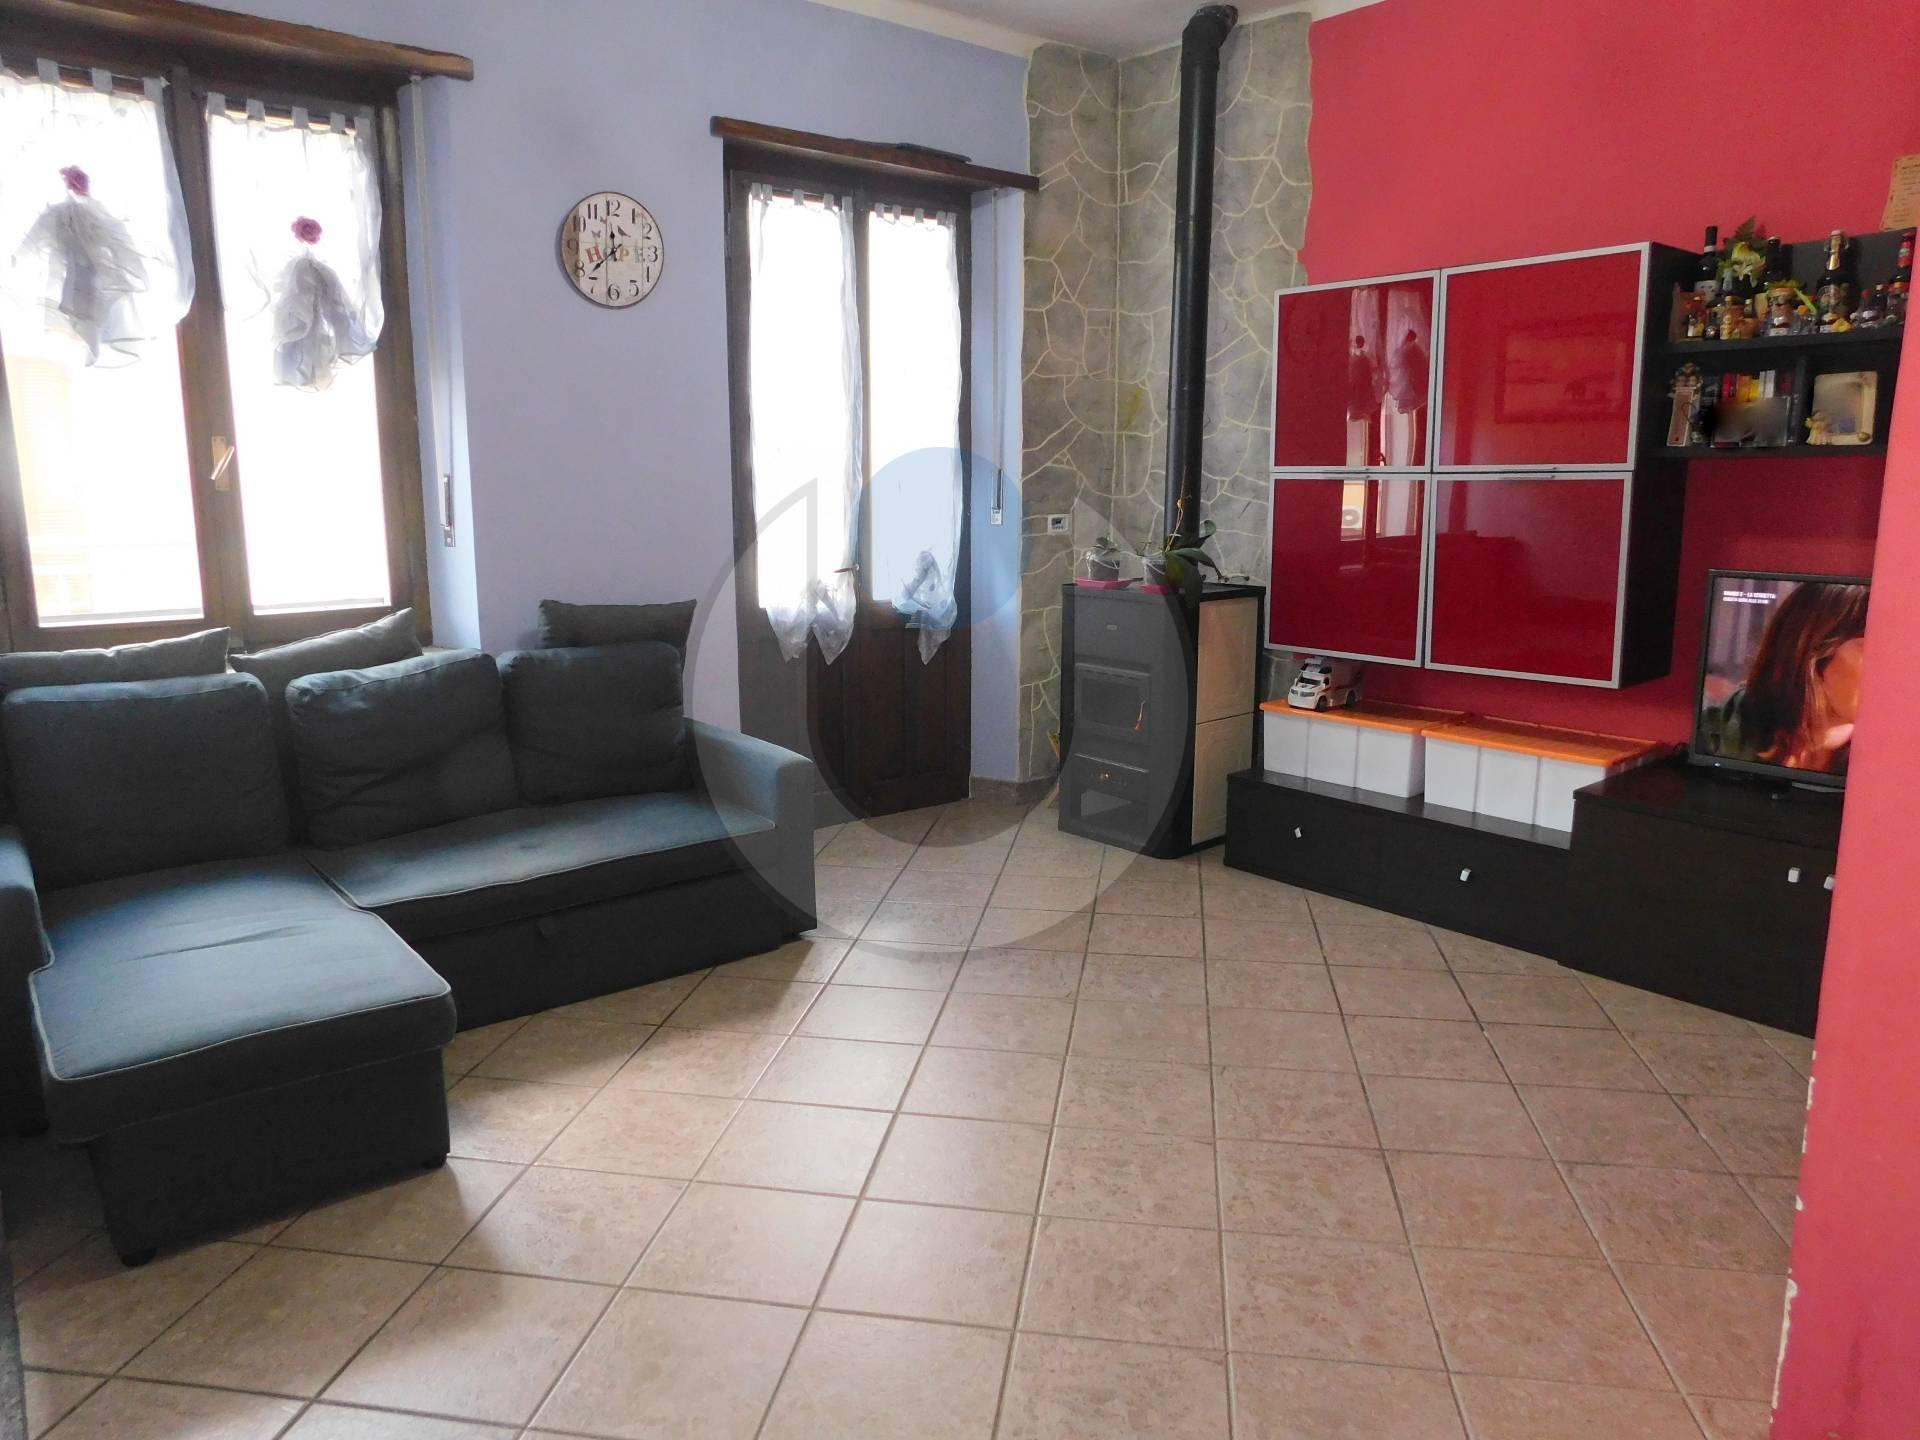 Appartamento in vendita a Reano, 6 locali, zona ro, prezzo € 88.000 | PortaleAgenzieImmobiliari.it